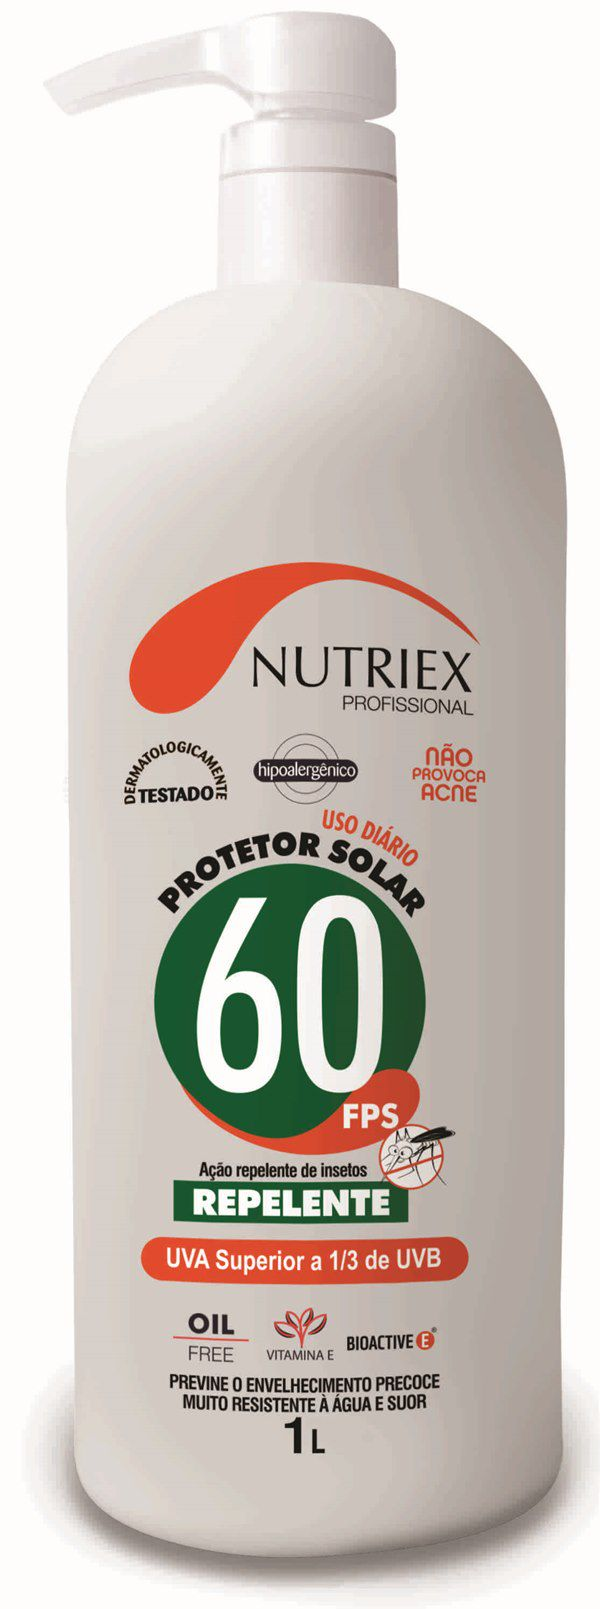 Protetor Solar Nutriex Fps 60 Com Repelente Galão 1Litro